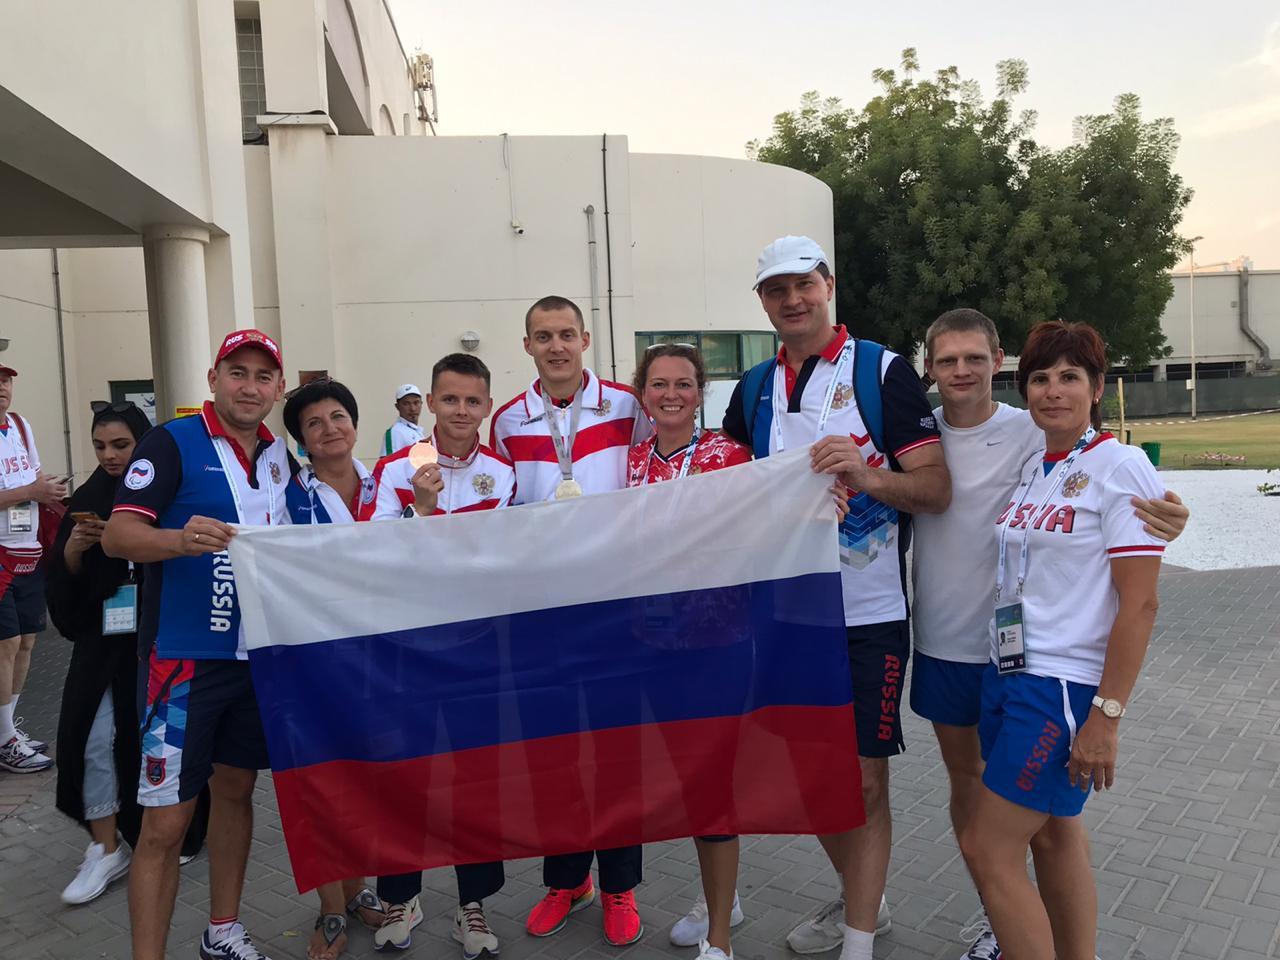 Нижегородец Андрей Вдовин завоевал «золото» в третий день чемпионата мира по легкой атлетике МПК в Дубае